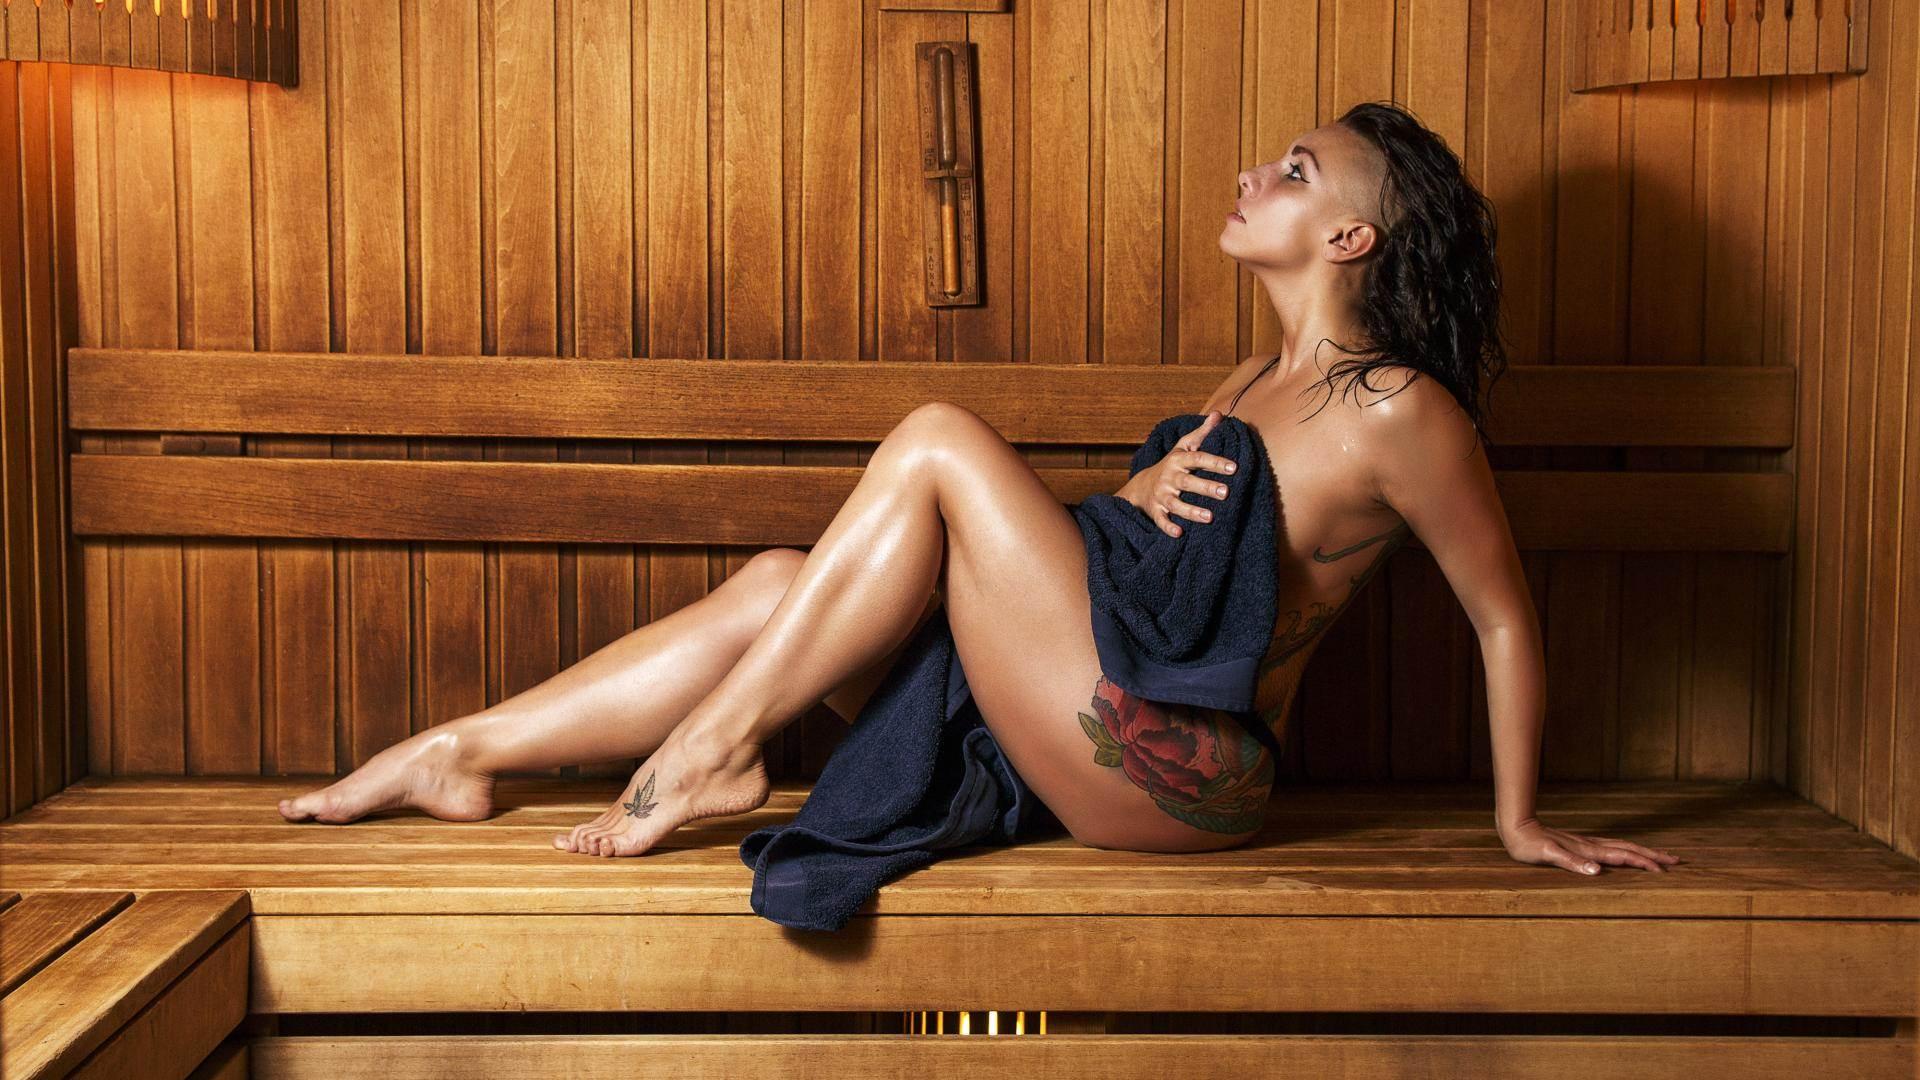 очень как девушка моется в бане танцы